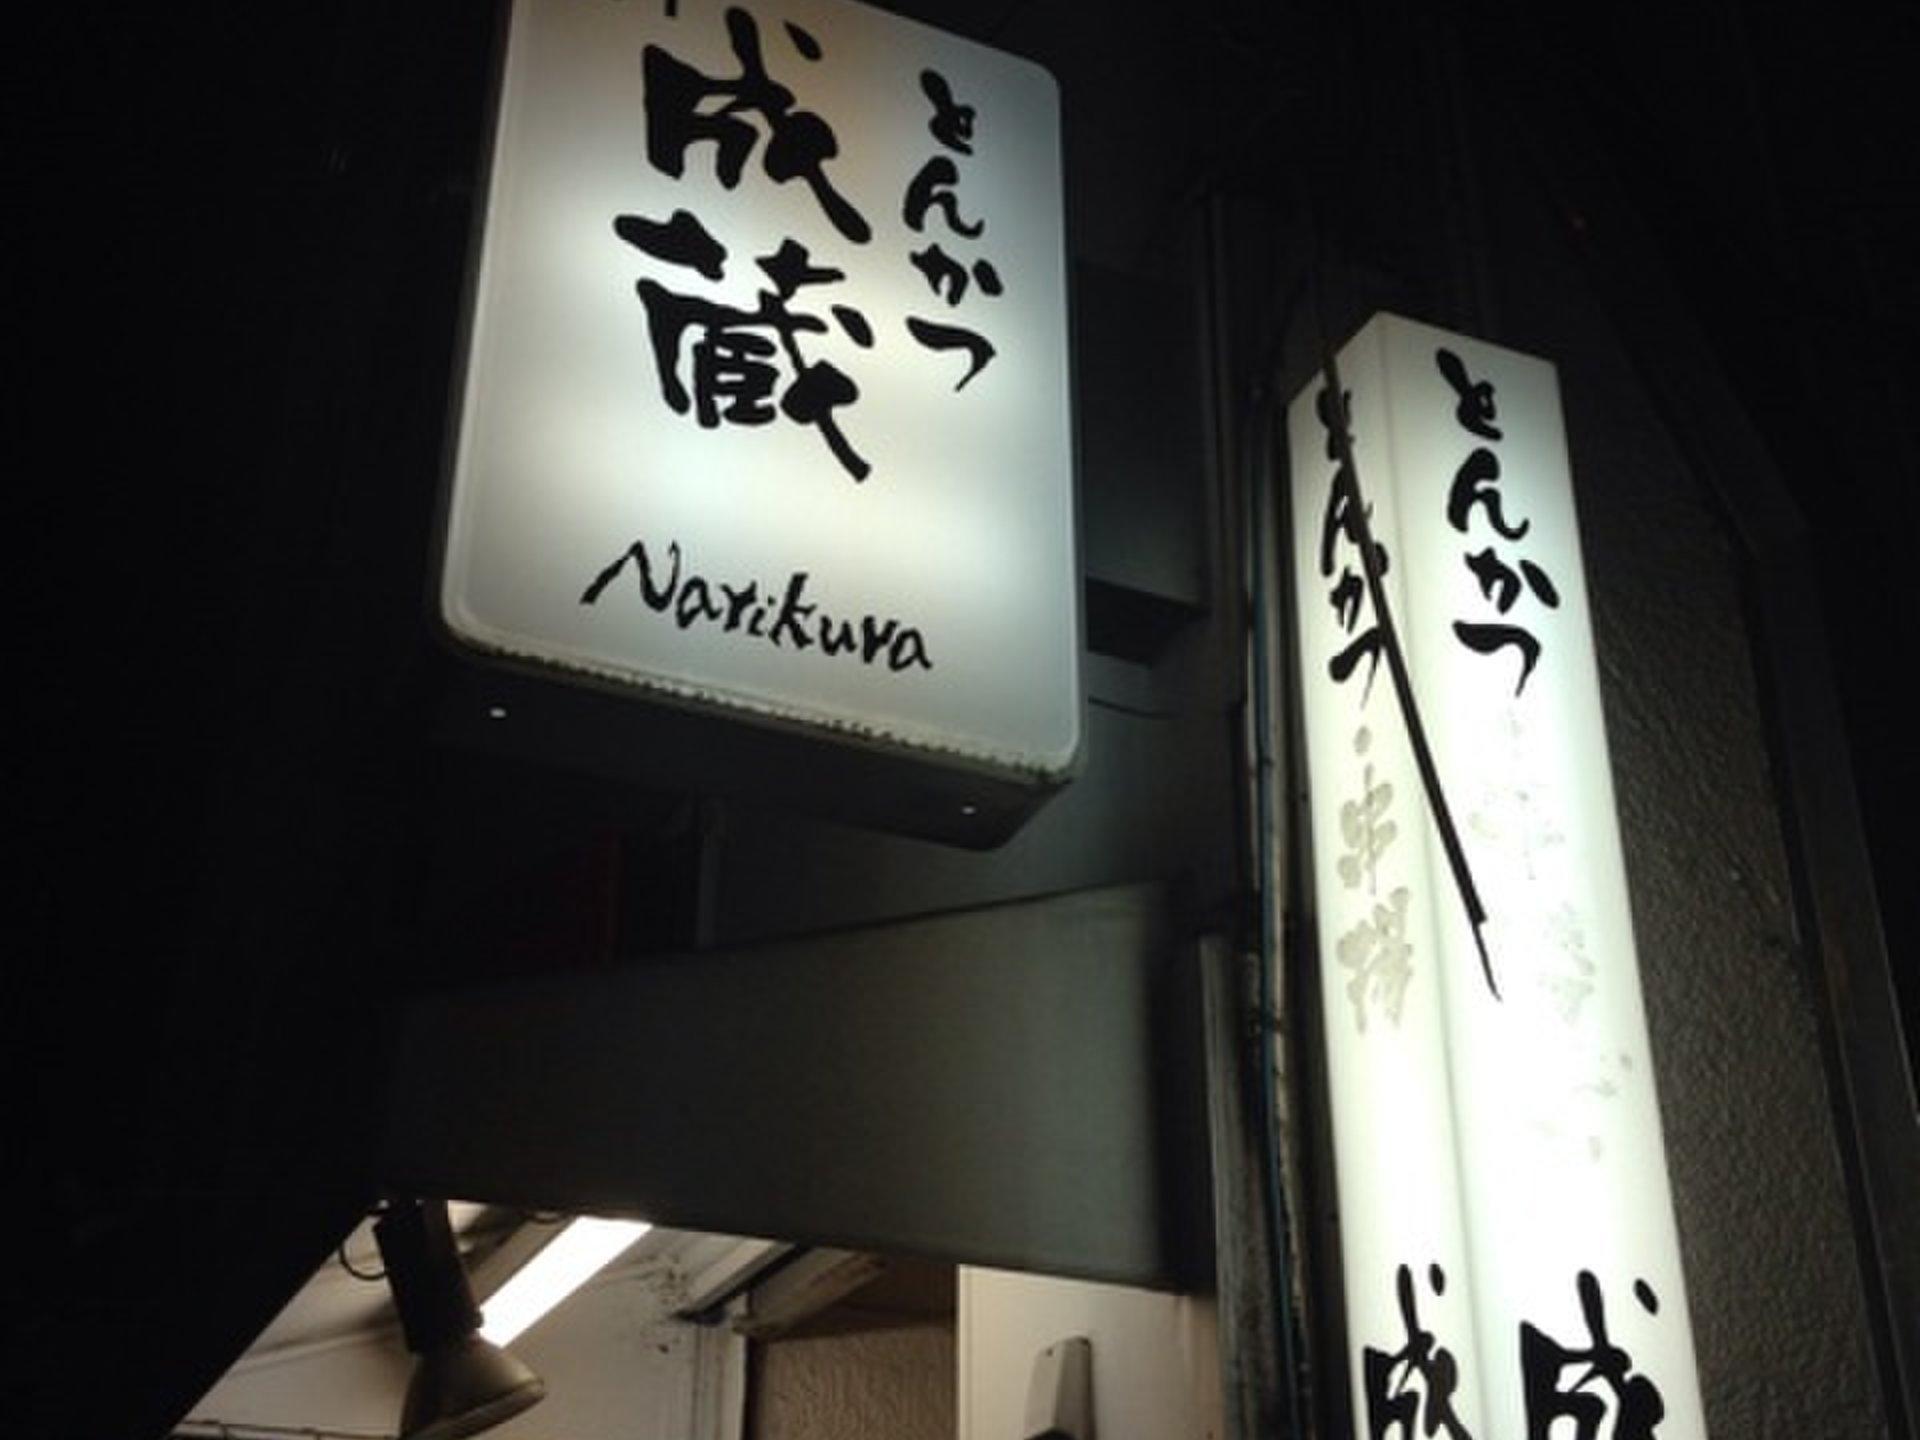 高田馬場のおすすめグルメ!話題の高級カツ屋【成蔵】に行ってみた